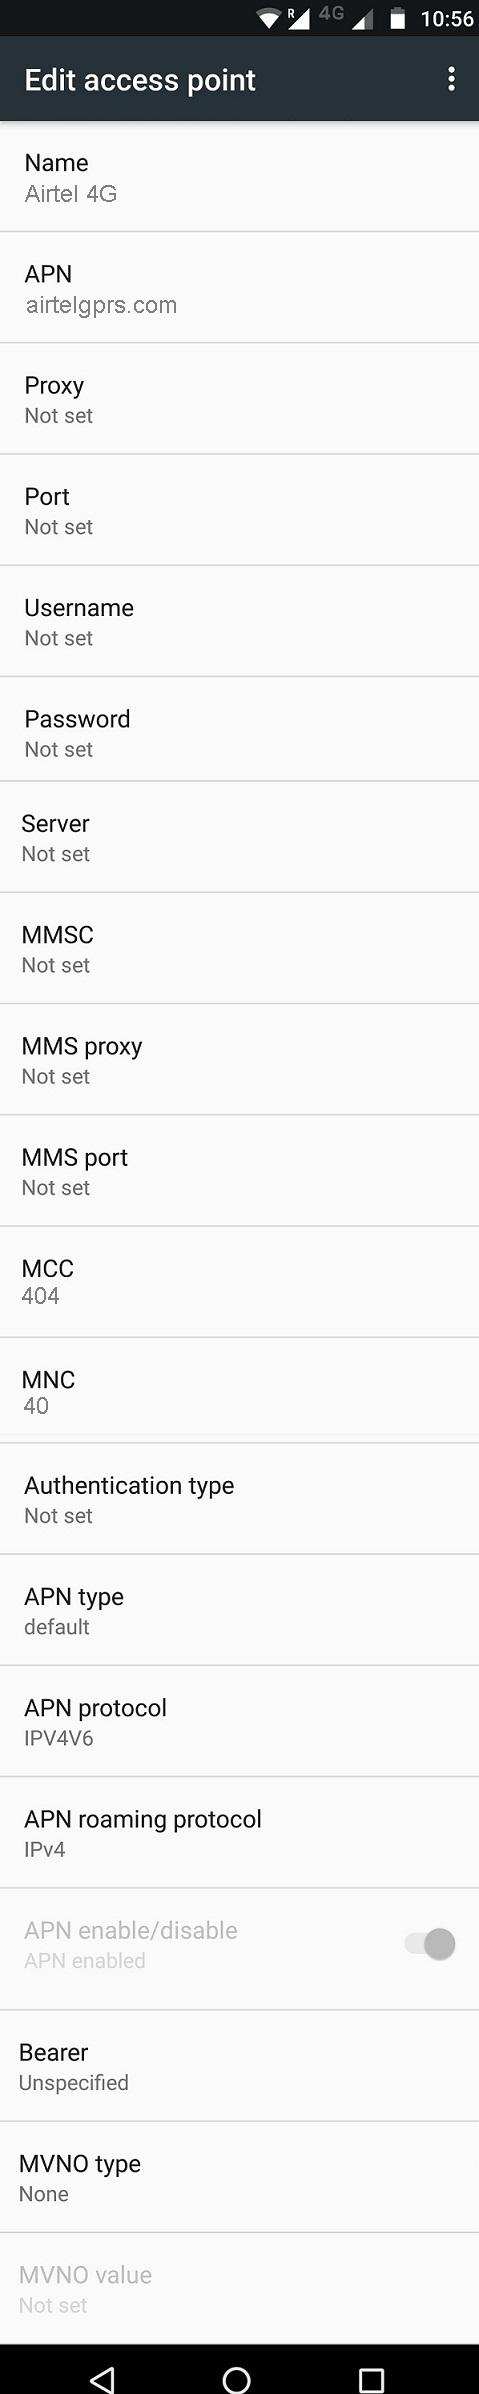 Airtel 4G APN Settings for Android - 4G LTE APN India